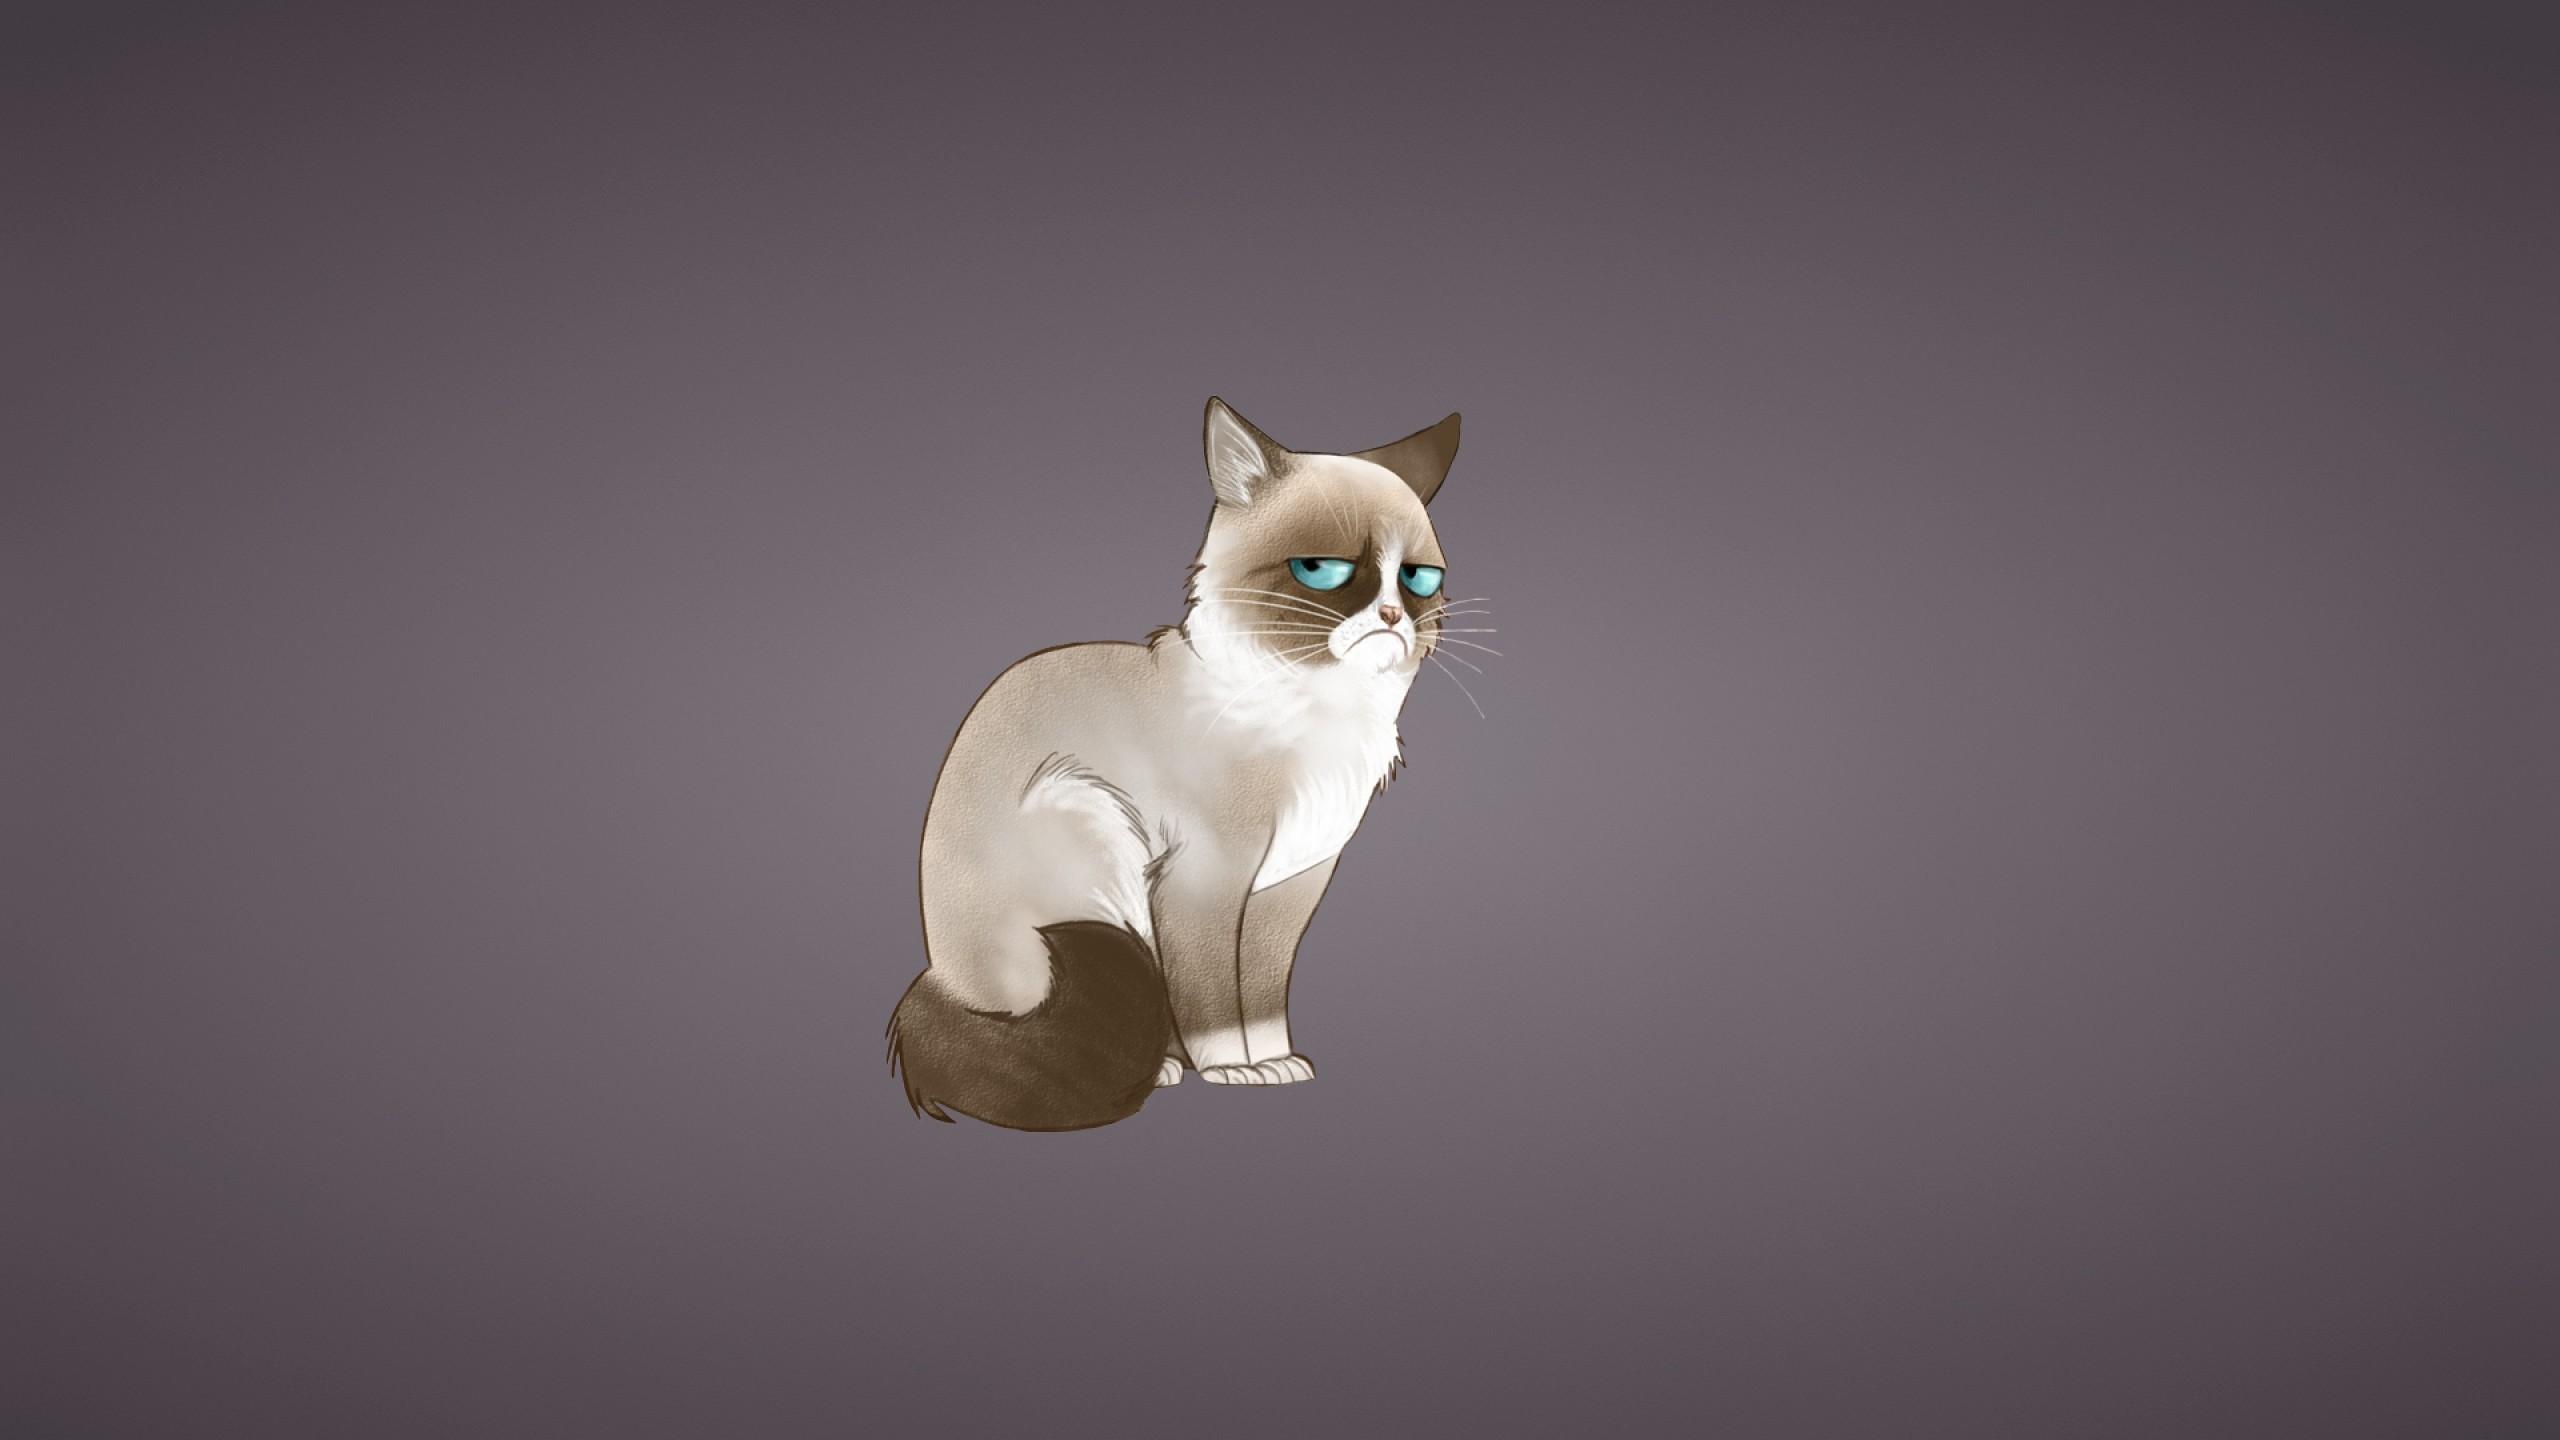 Wallpaper grumpy cat, meme, cat